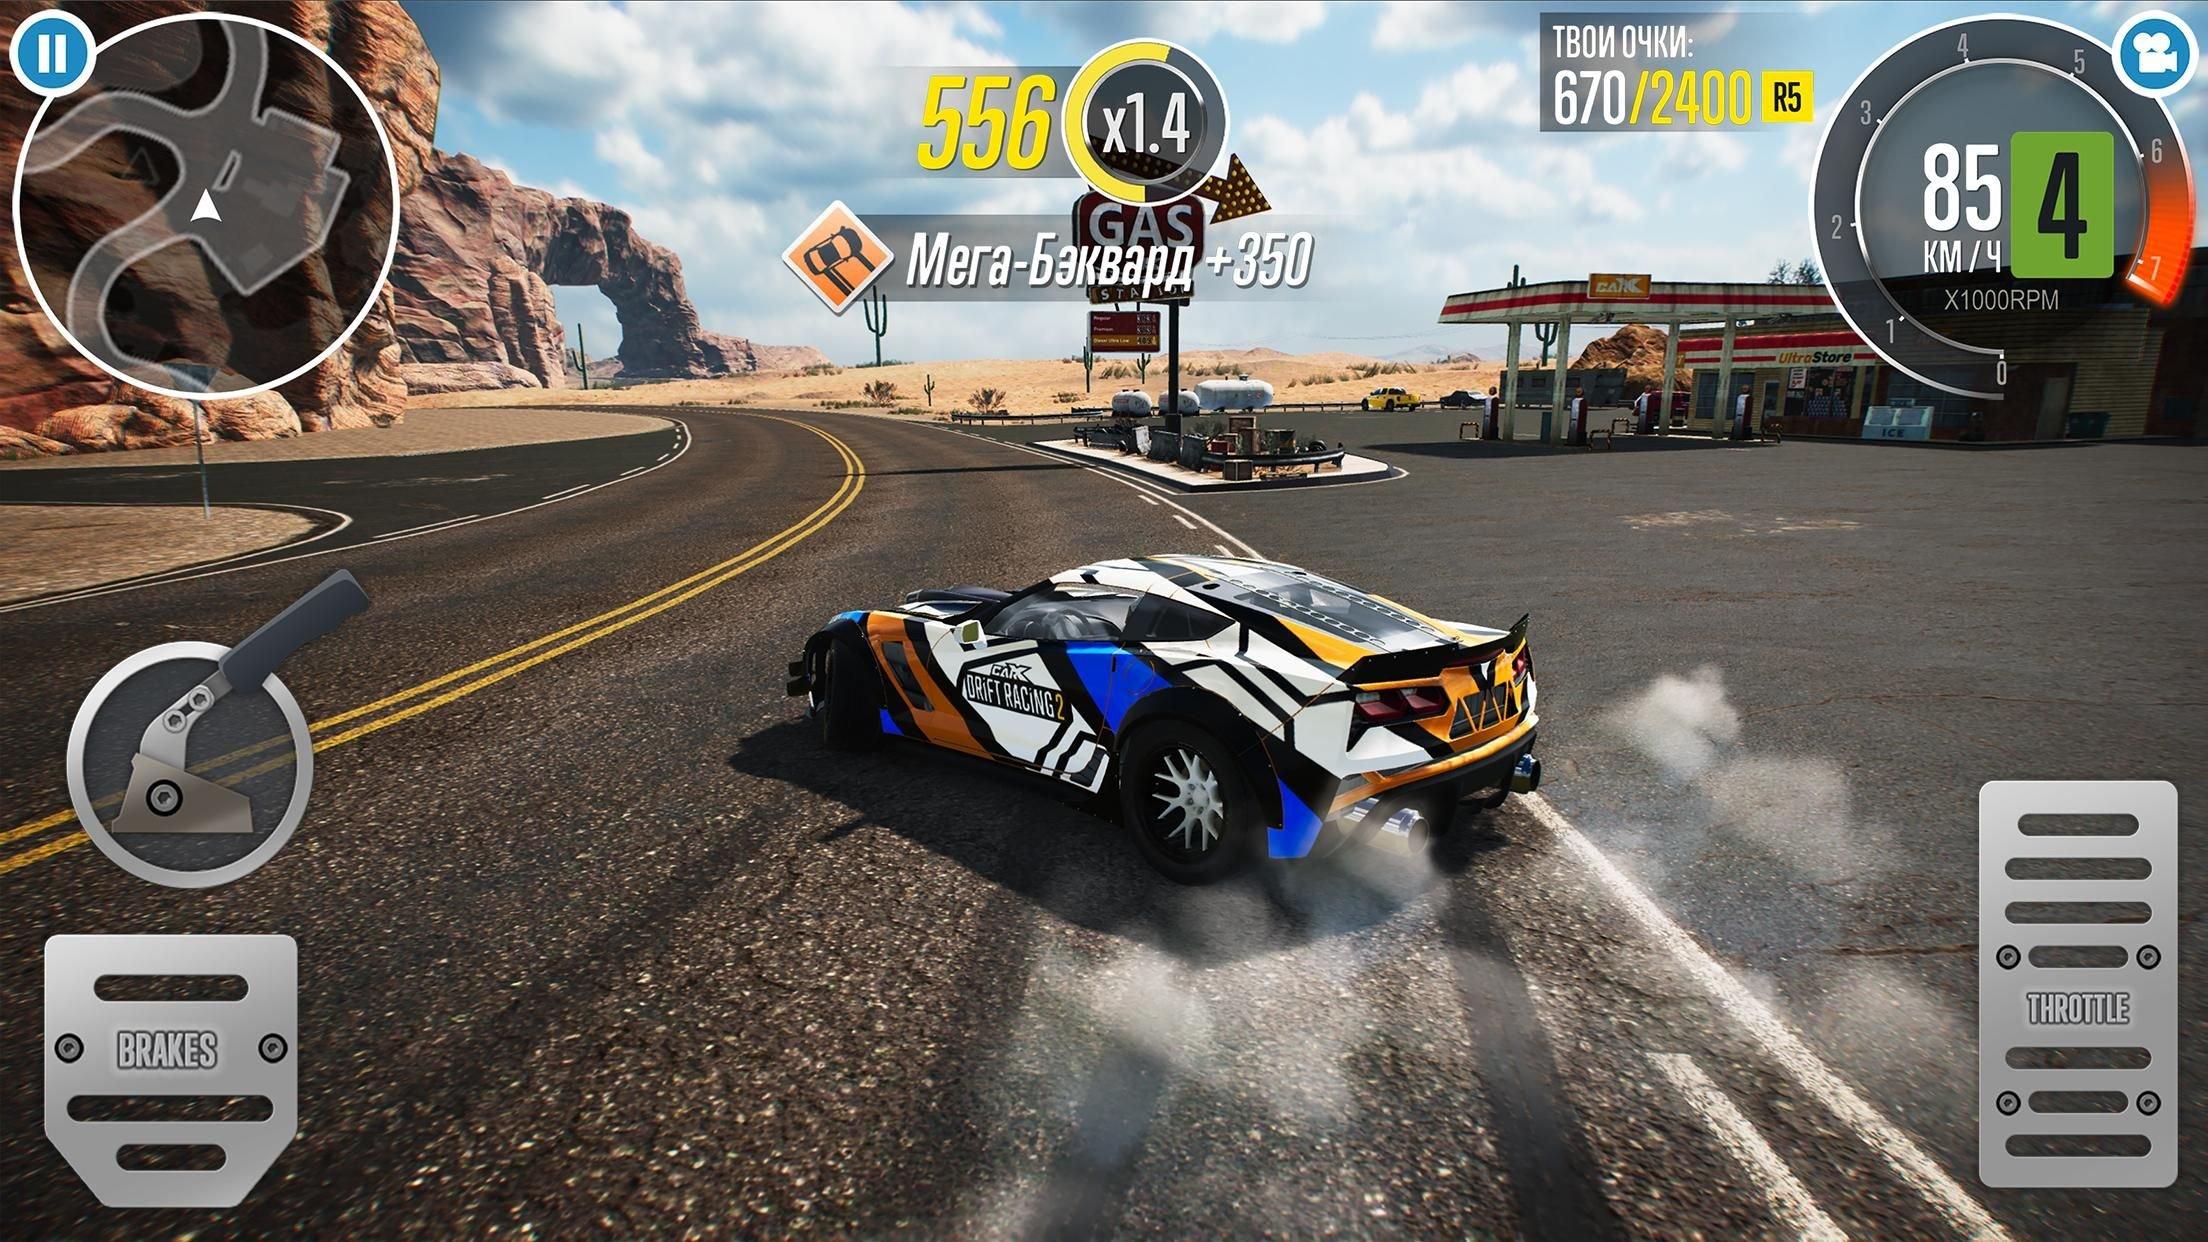 скачать carx drift racing 2 взлом